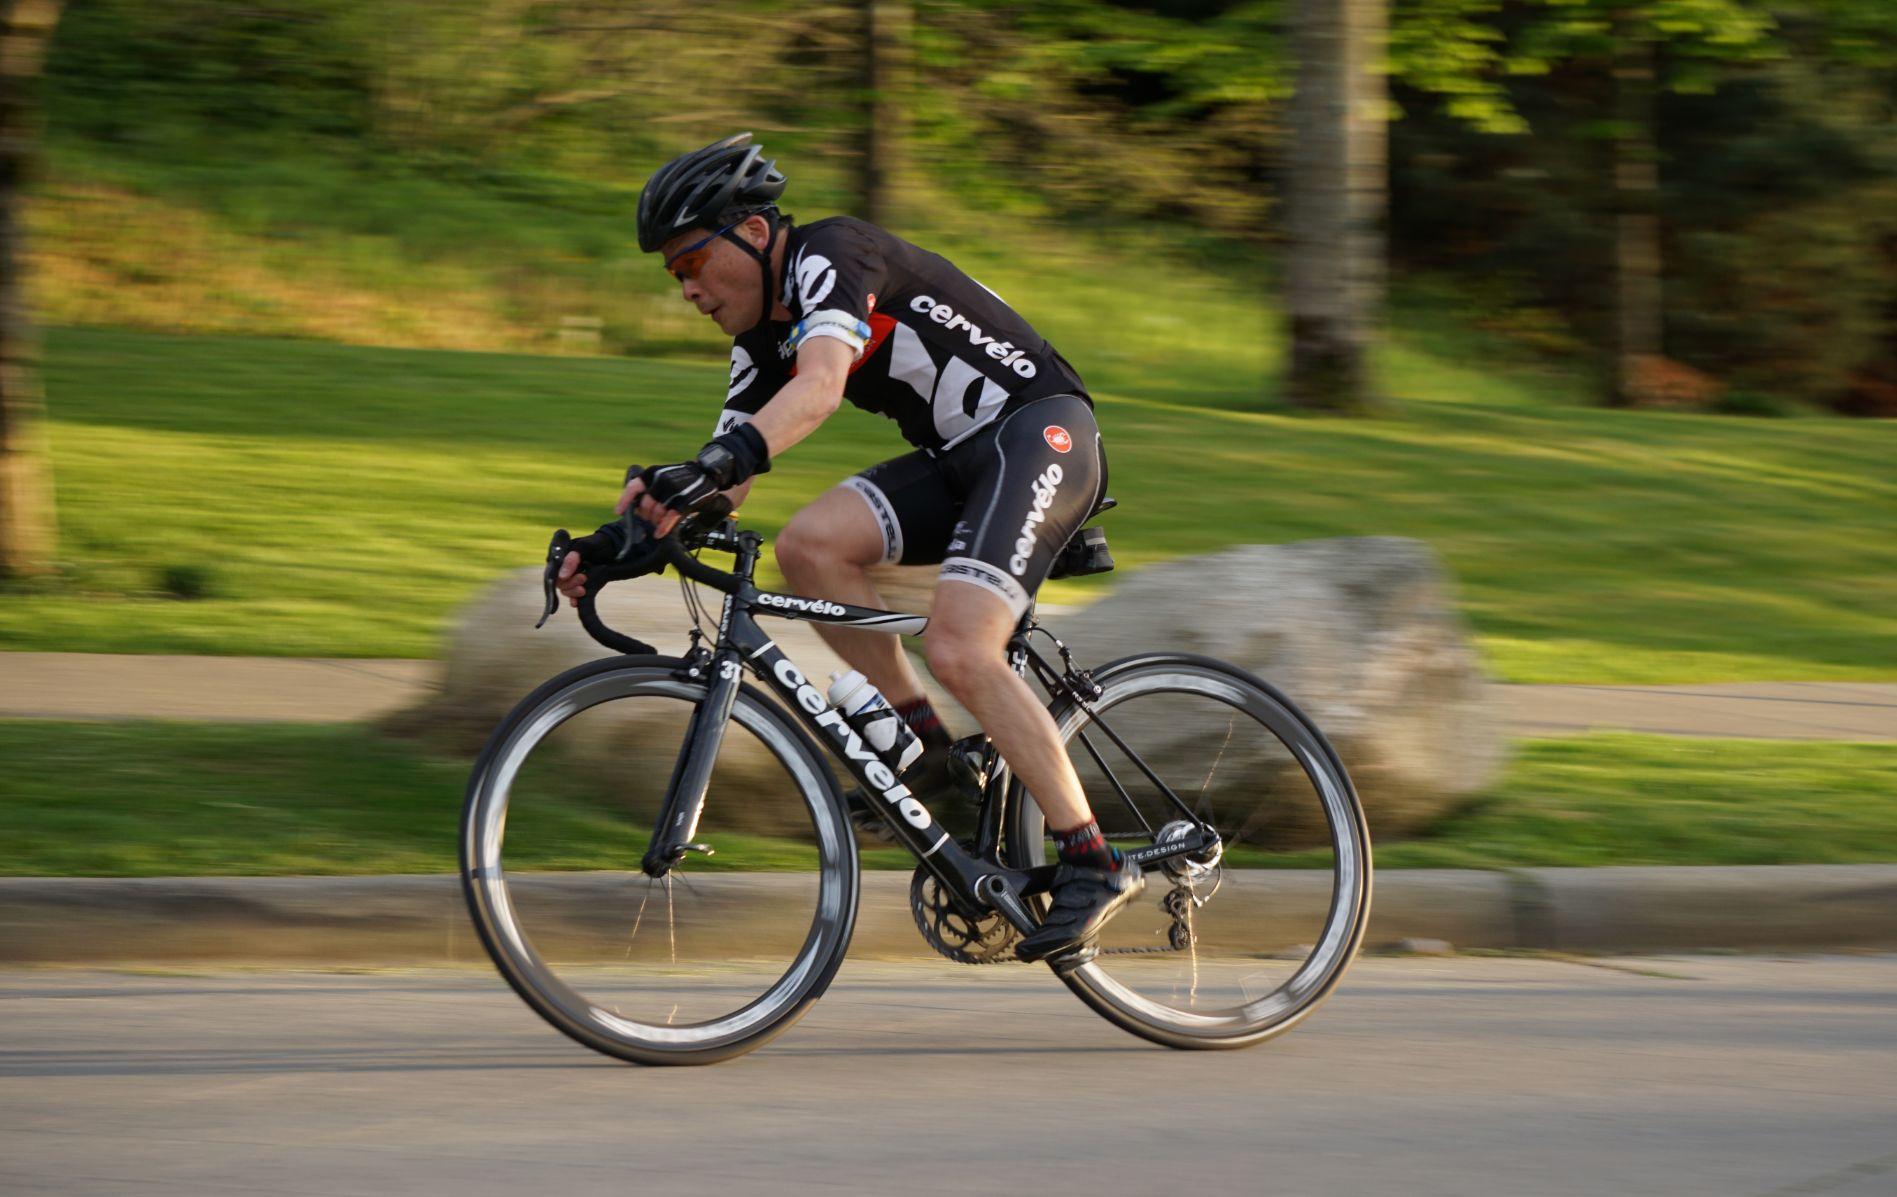 Cycling Ireland rider rankings A2, A3, A4 May 2018